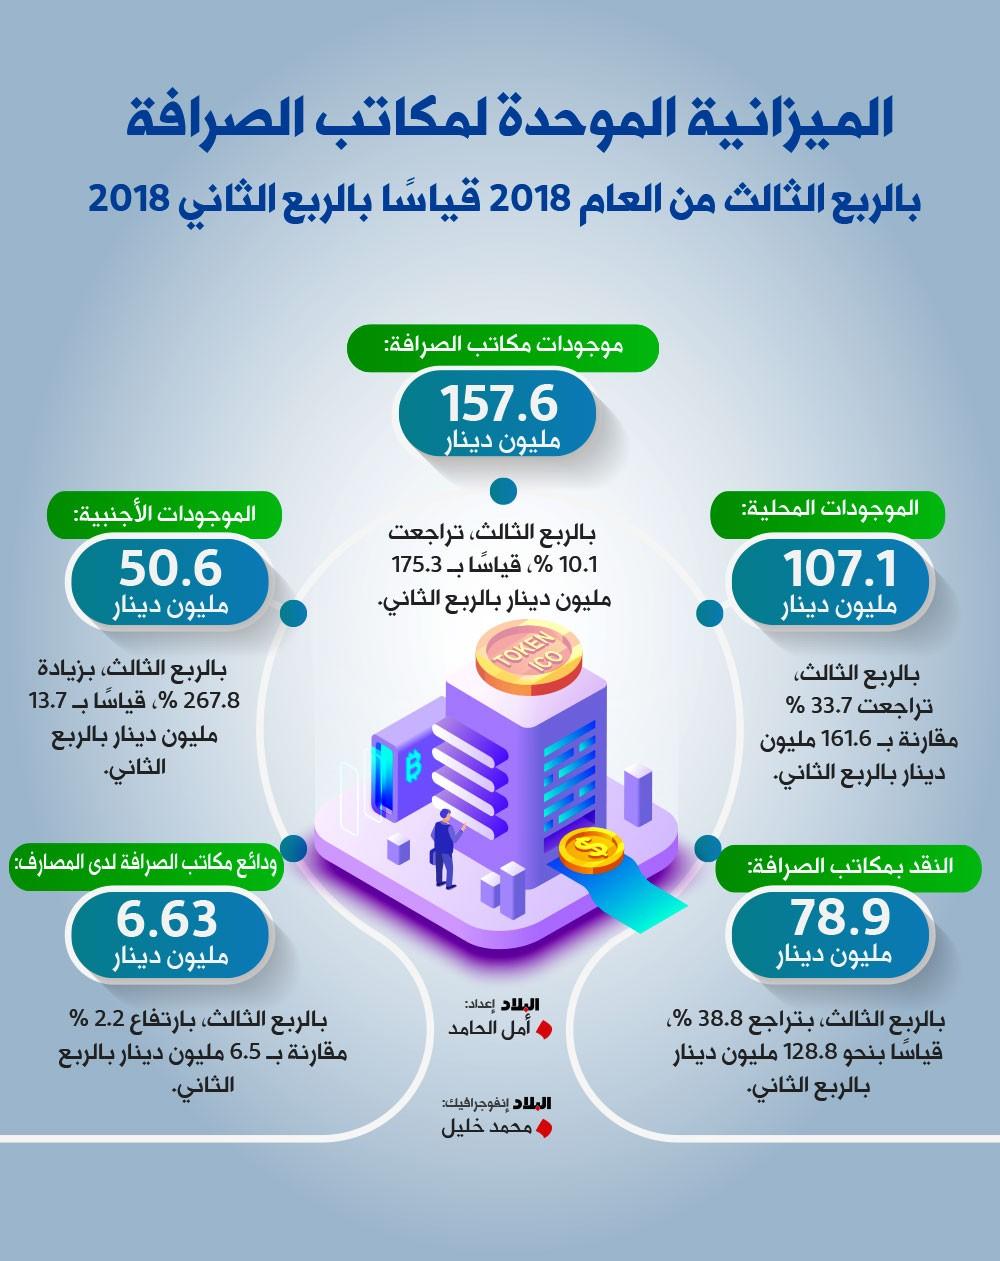 157.6 مليون دينار ميزانية مكاتب الصرافة